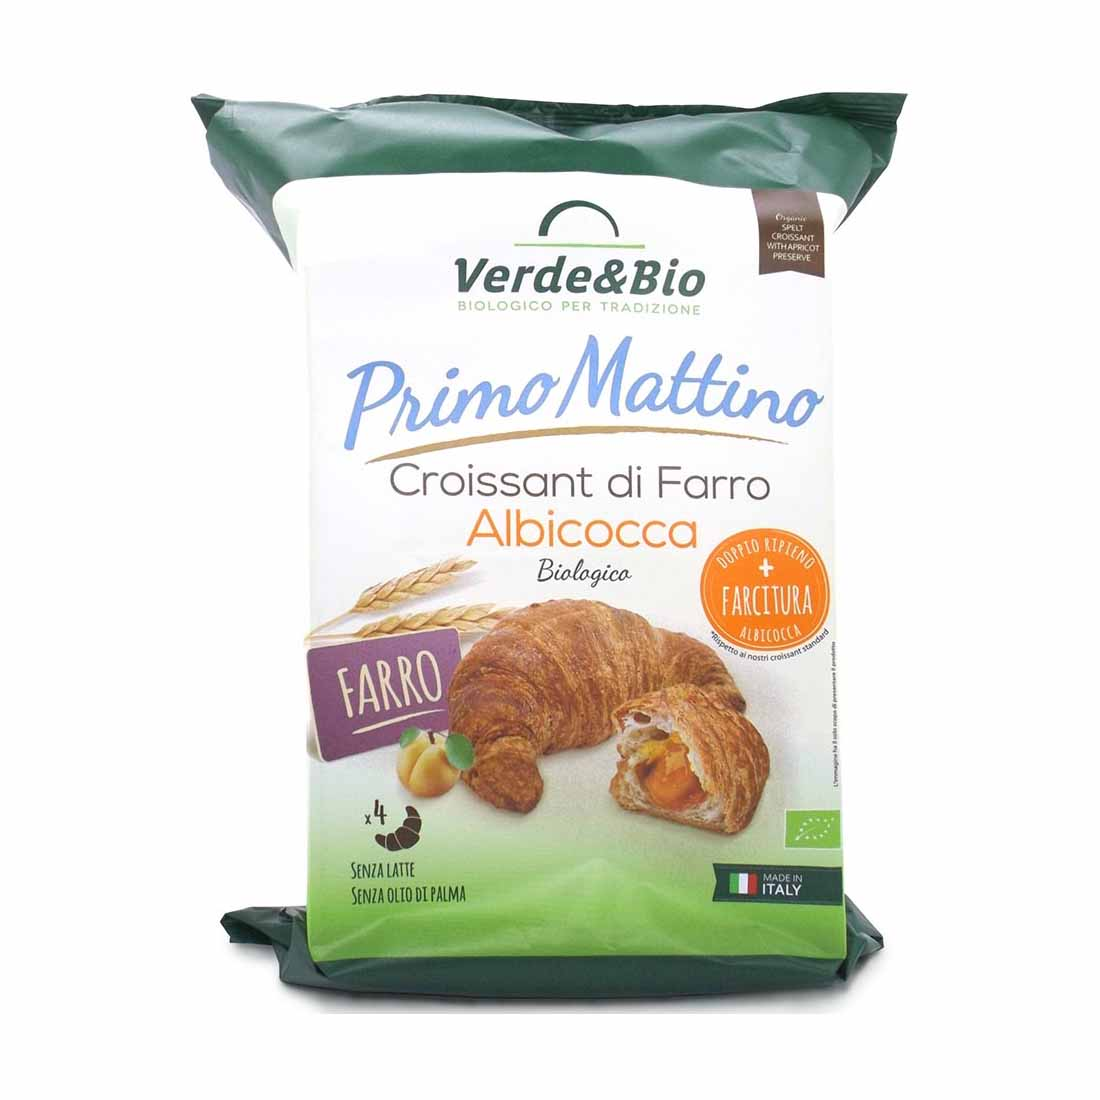 Verde&bio Croissant Vegano di farro con albicocca